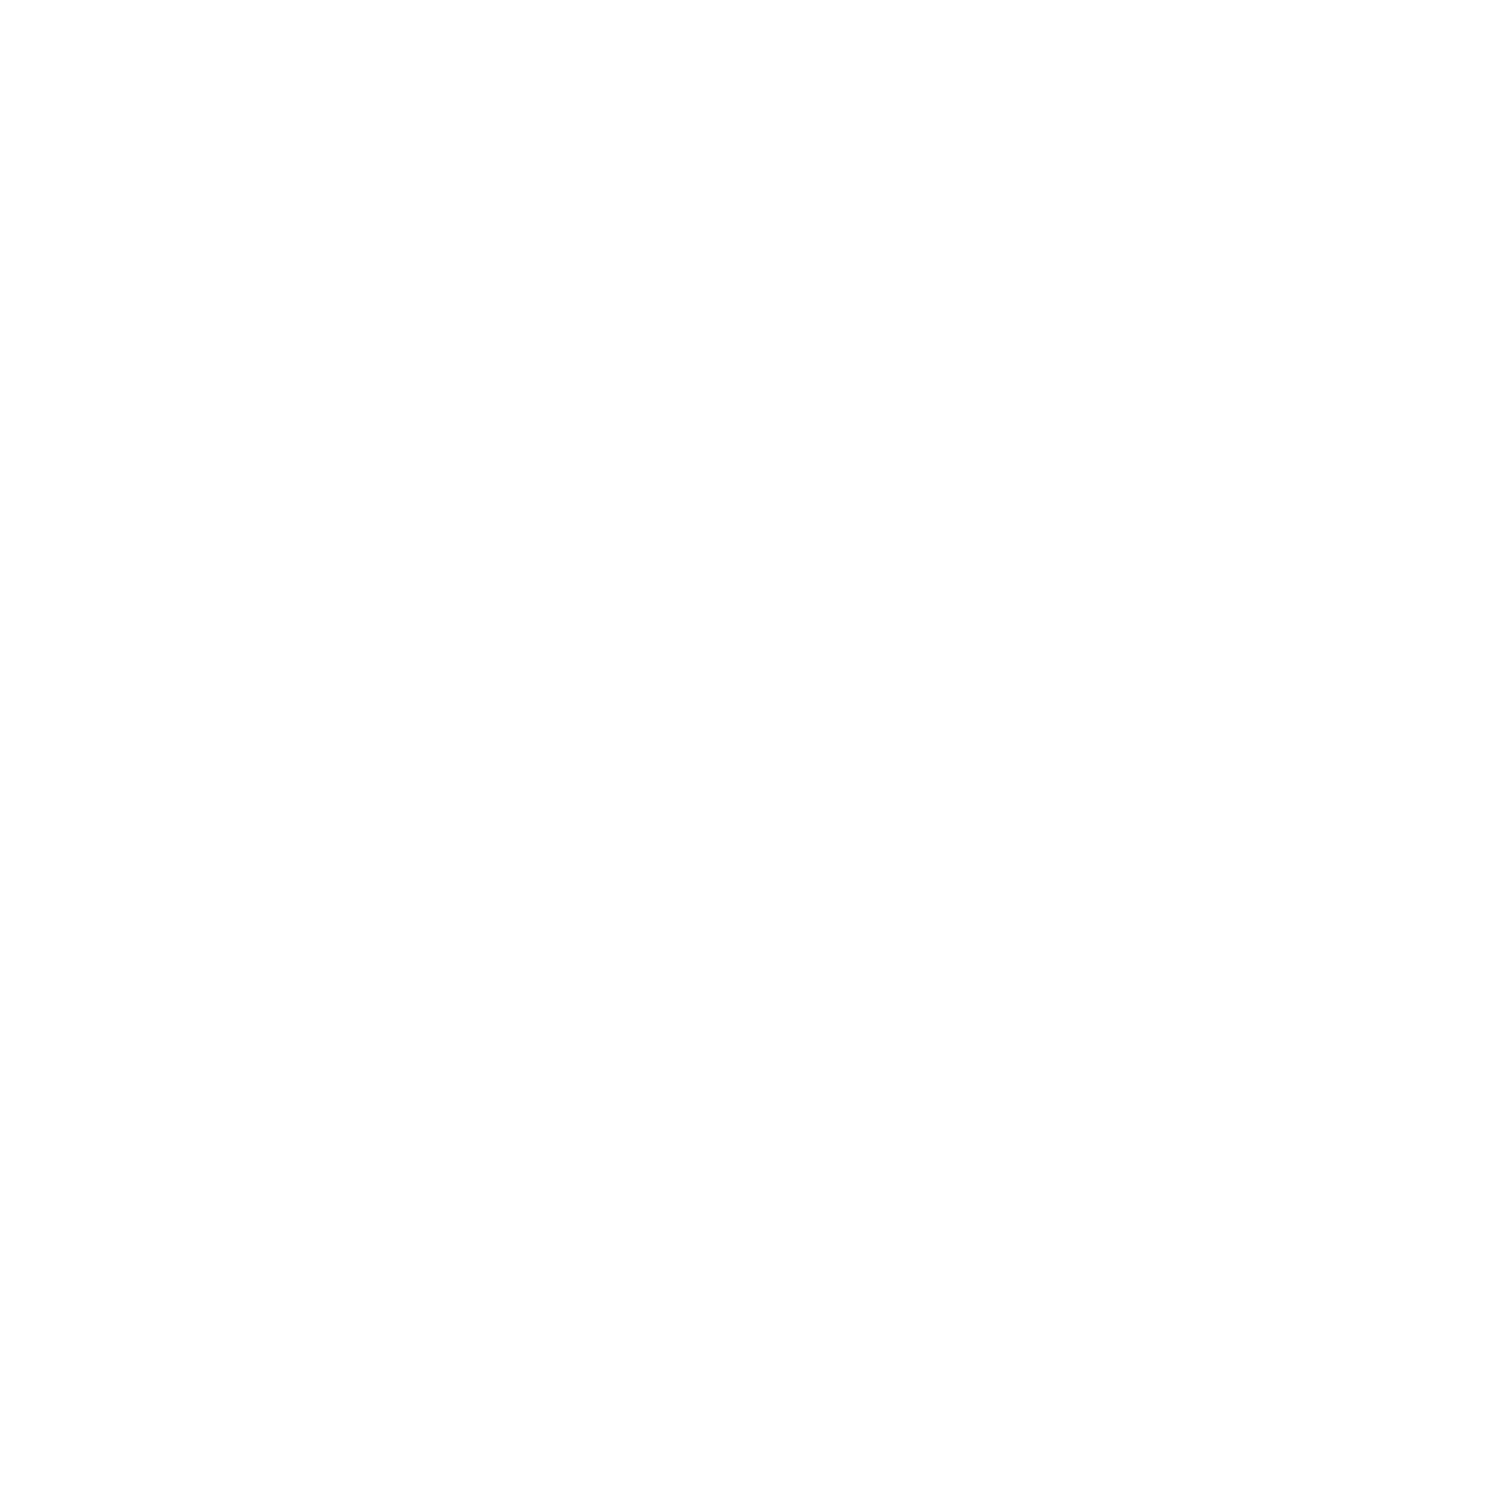 グレードパズルユーザー脱毛器 レディース シェーバー 1台4役多機能 女性 ムダ毛処理 フェイスシェーバー ボディカッター 眉毛カッター 鼻毛カッター【最新改良版】電動式 超静音モーター搭載 全身用脱毛器 ヘッド交換式4点セット IPX7防水...